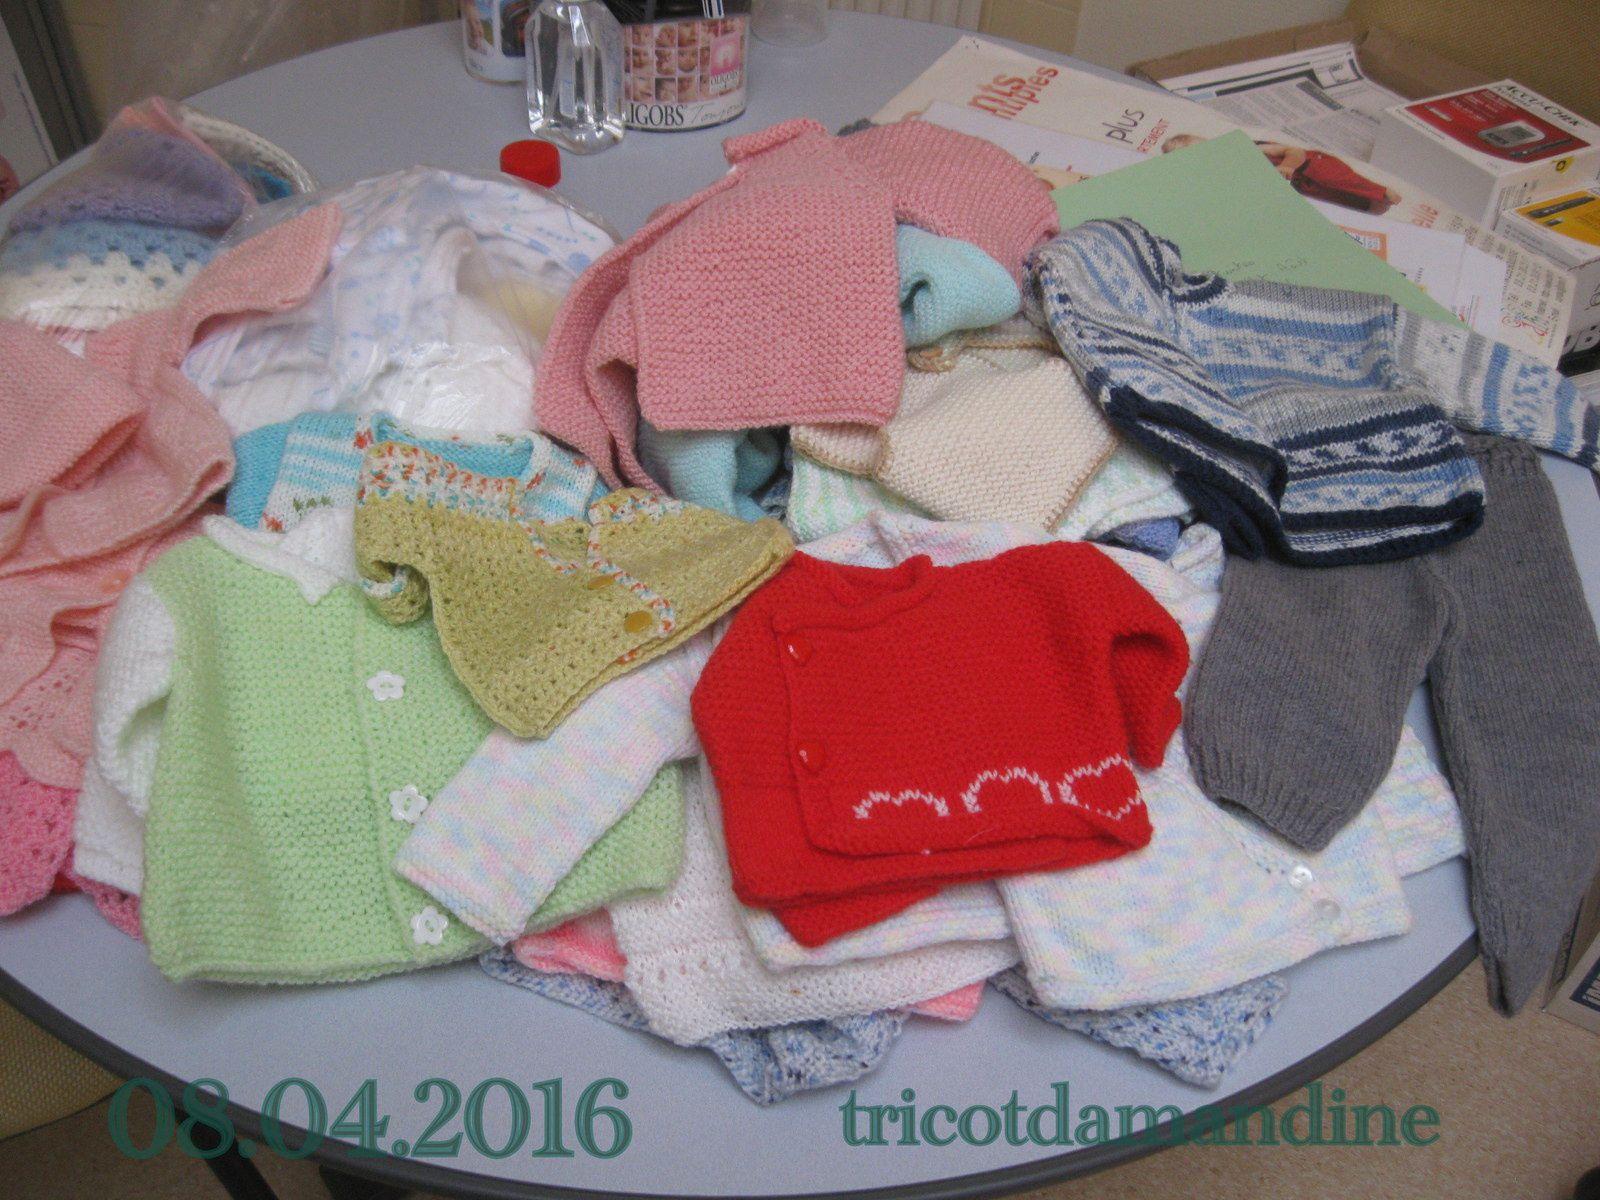 Ma visite à la maternité de Melun ...